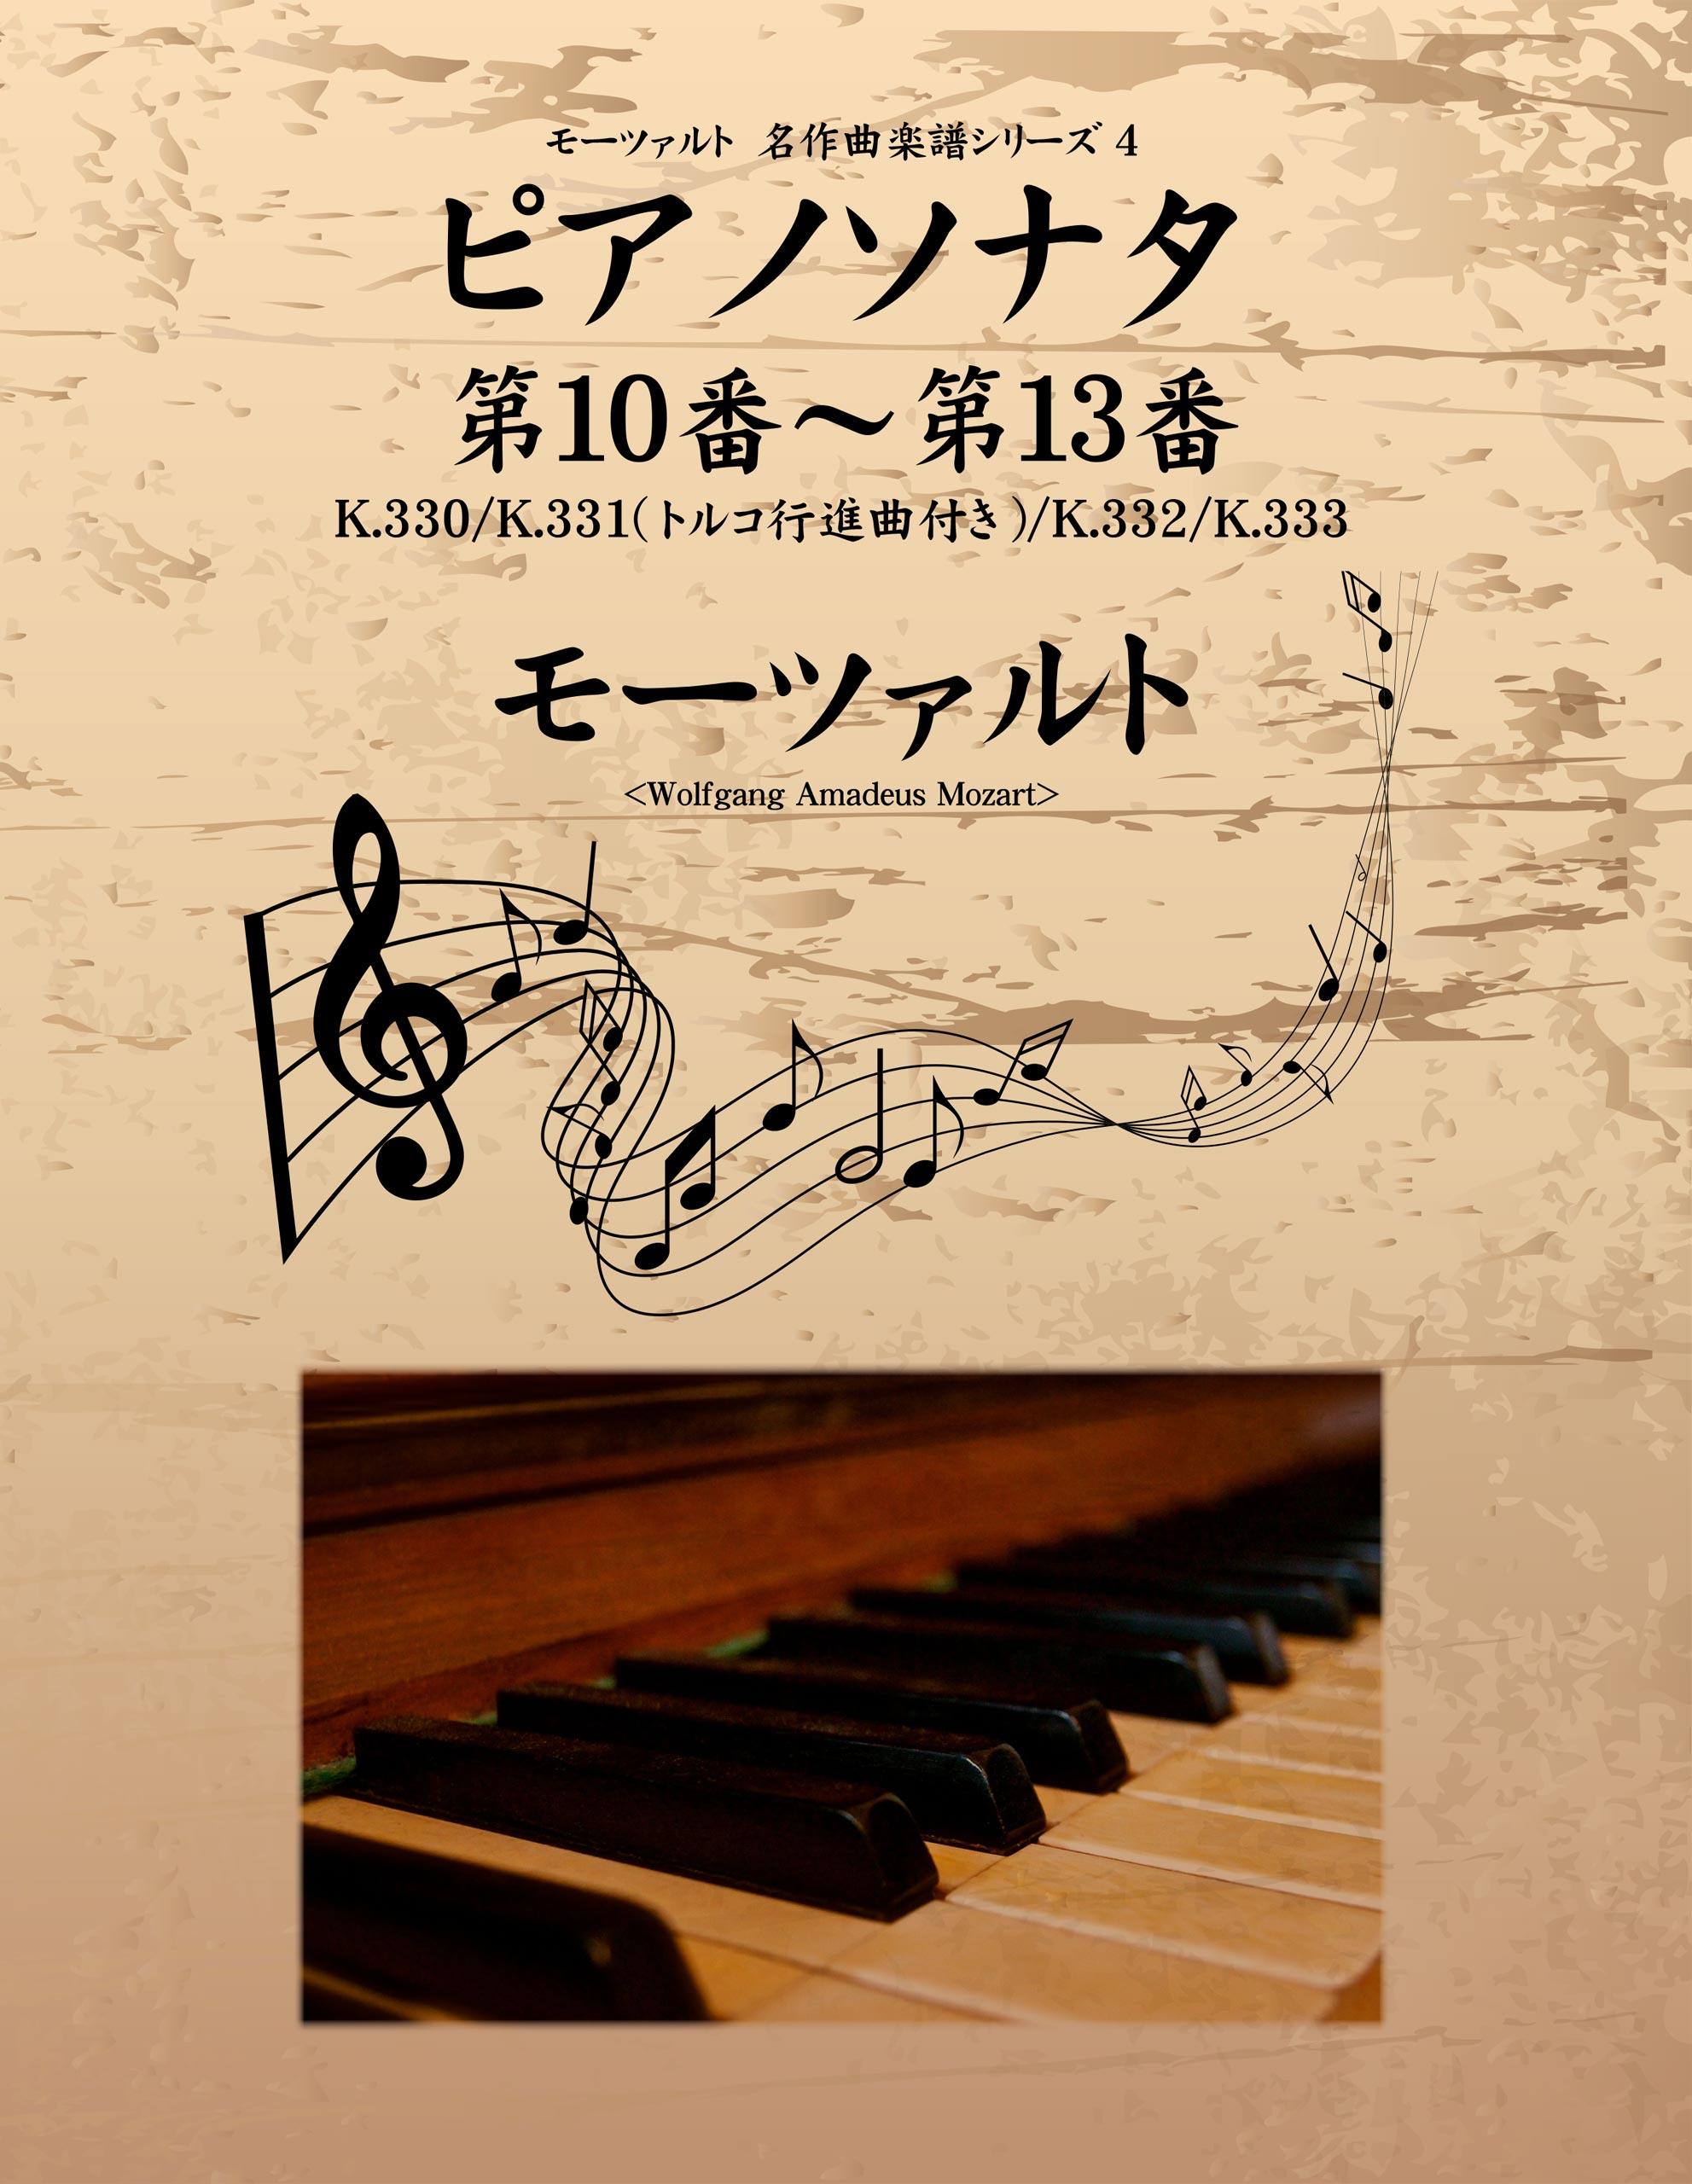 モーツァルト 名作曲楽譜シリーズ4 ピアノソナタ 第10番~第13番 K.330/K.331(トルコ行進曲付き)/K.332/K.333